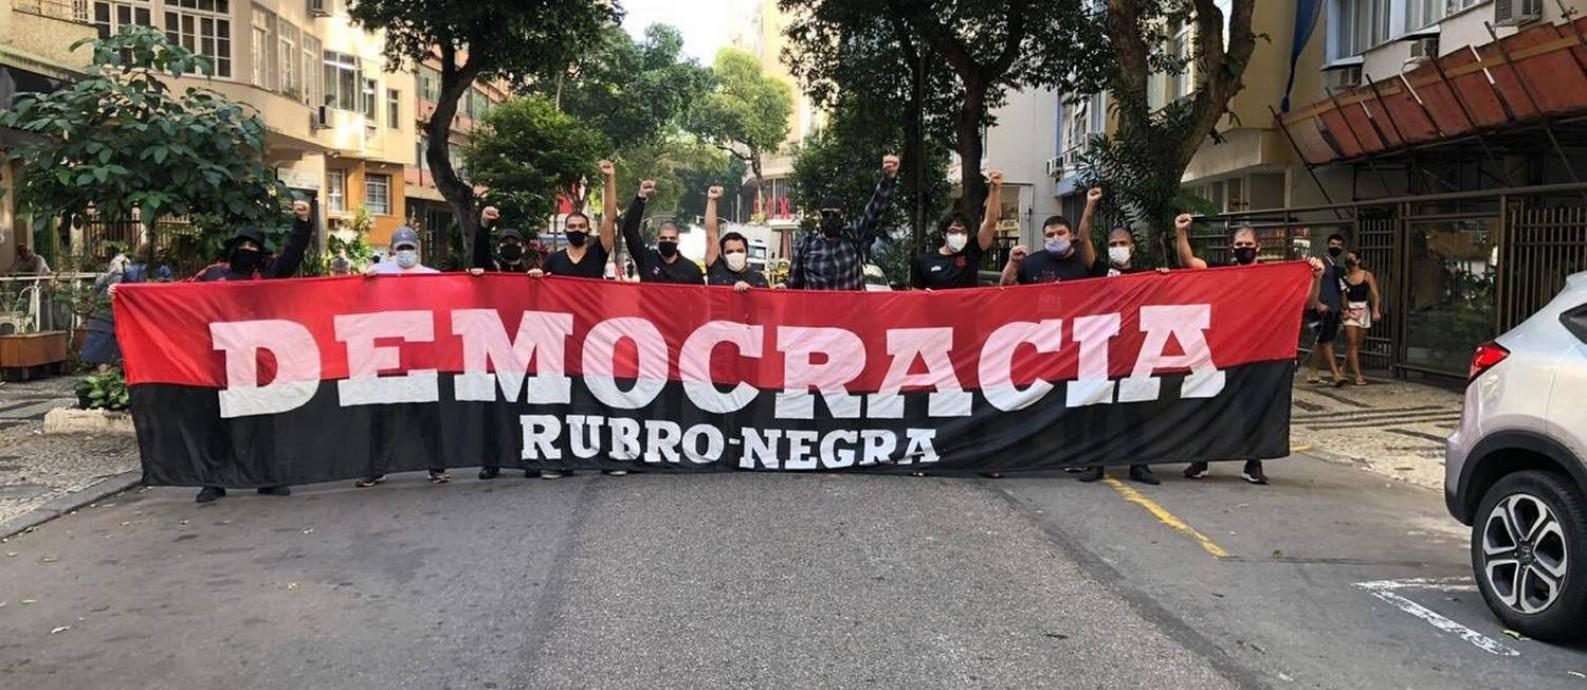 Torcidas de times de futebol protestam em defesa da democracia em SP e Rio de janeiro. Na foto, a torcida do Flamengo Foto: Reprodução